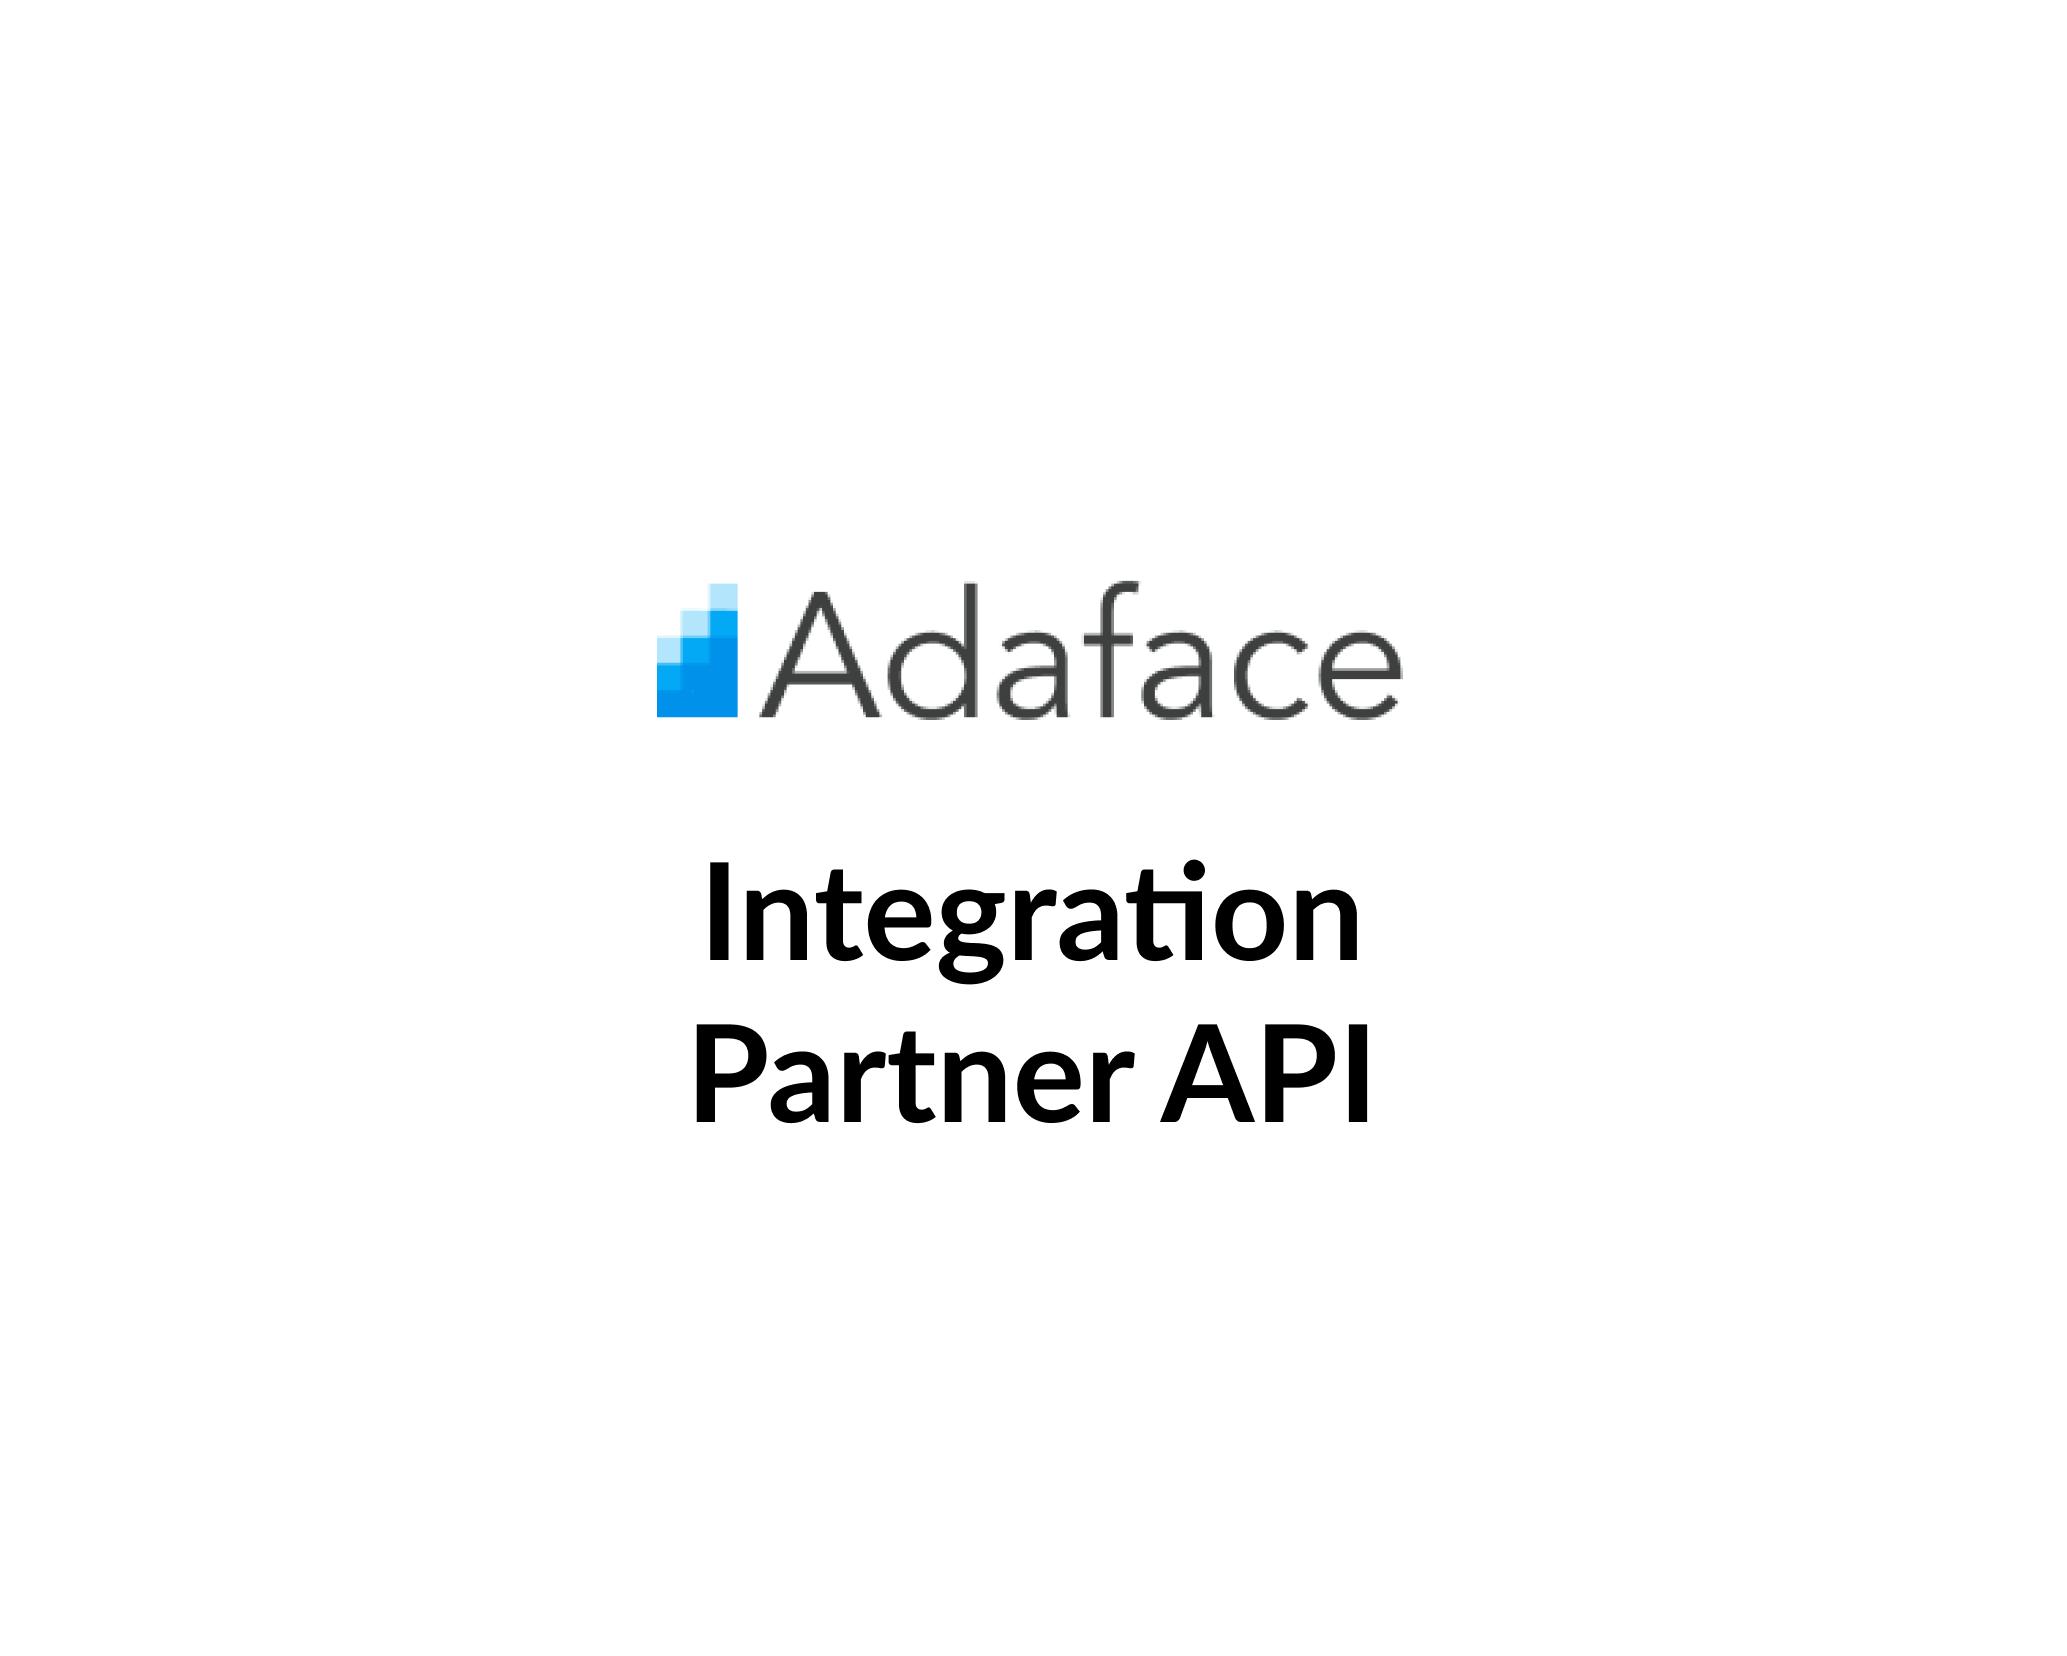 Integration Partner API image